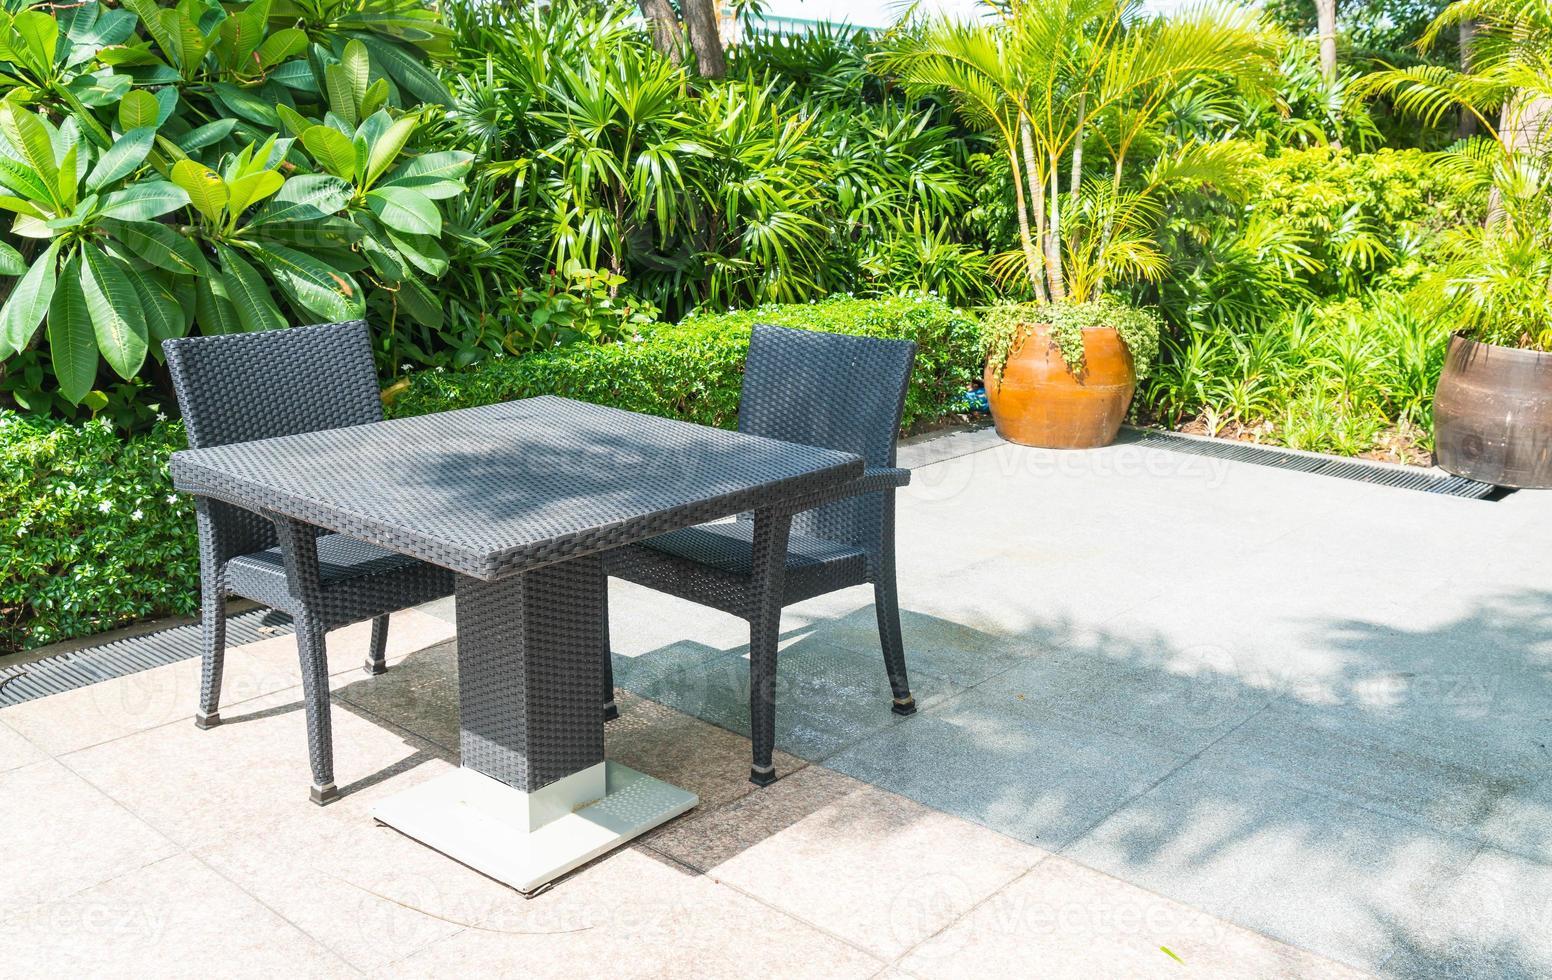 terrasse extérieure avec chaise et table photo